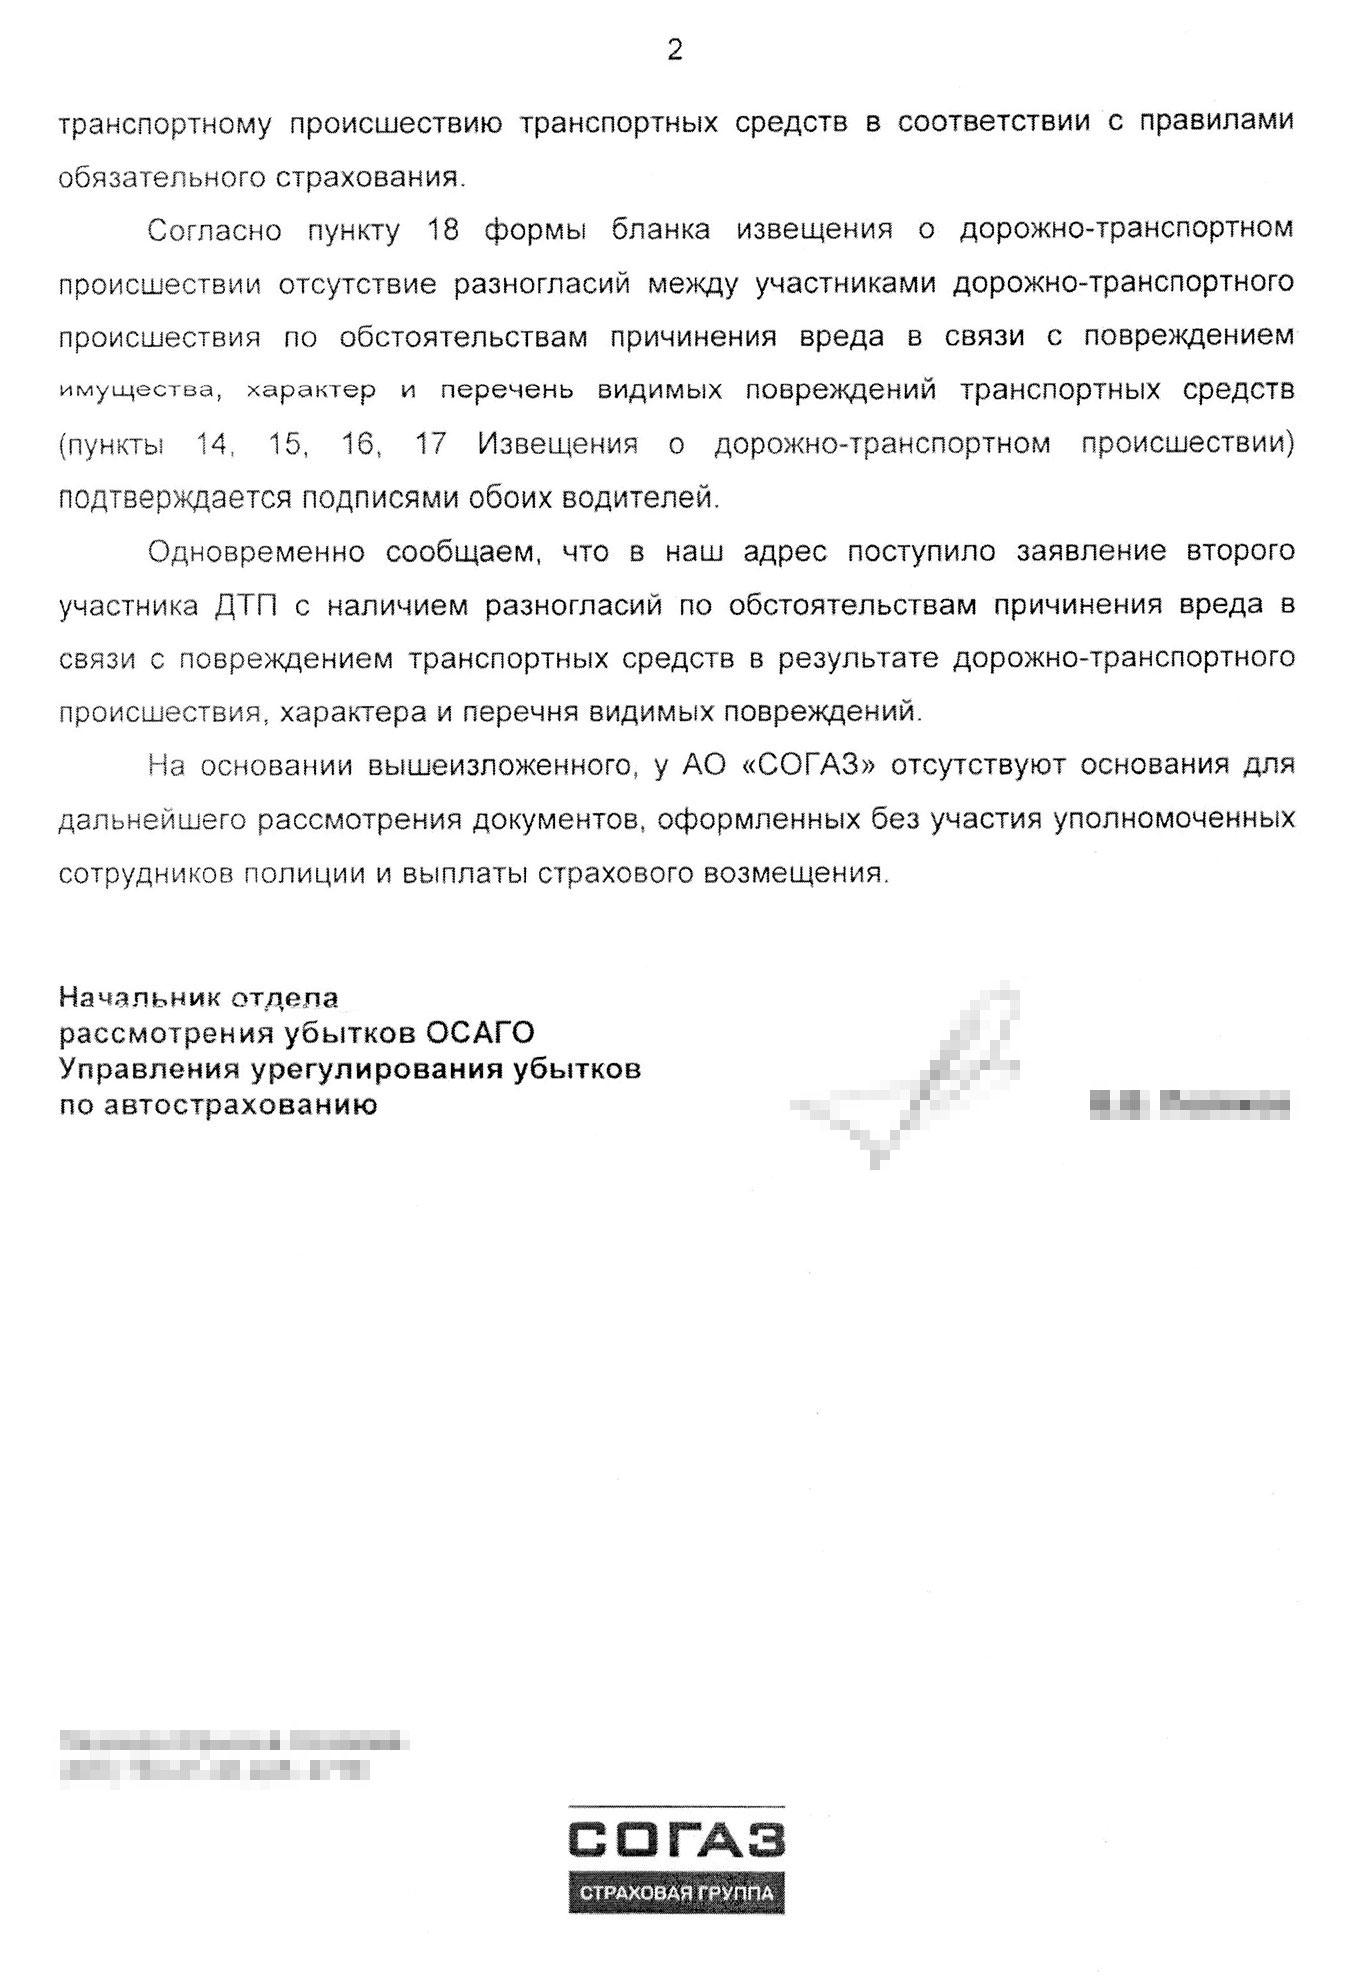 Письмо от страховой с причинами отказа в выплате по ОСАГО: второй участник ДТП якобы не признал себя виновным в аварии